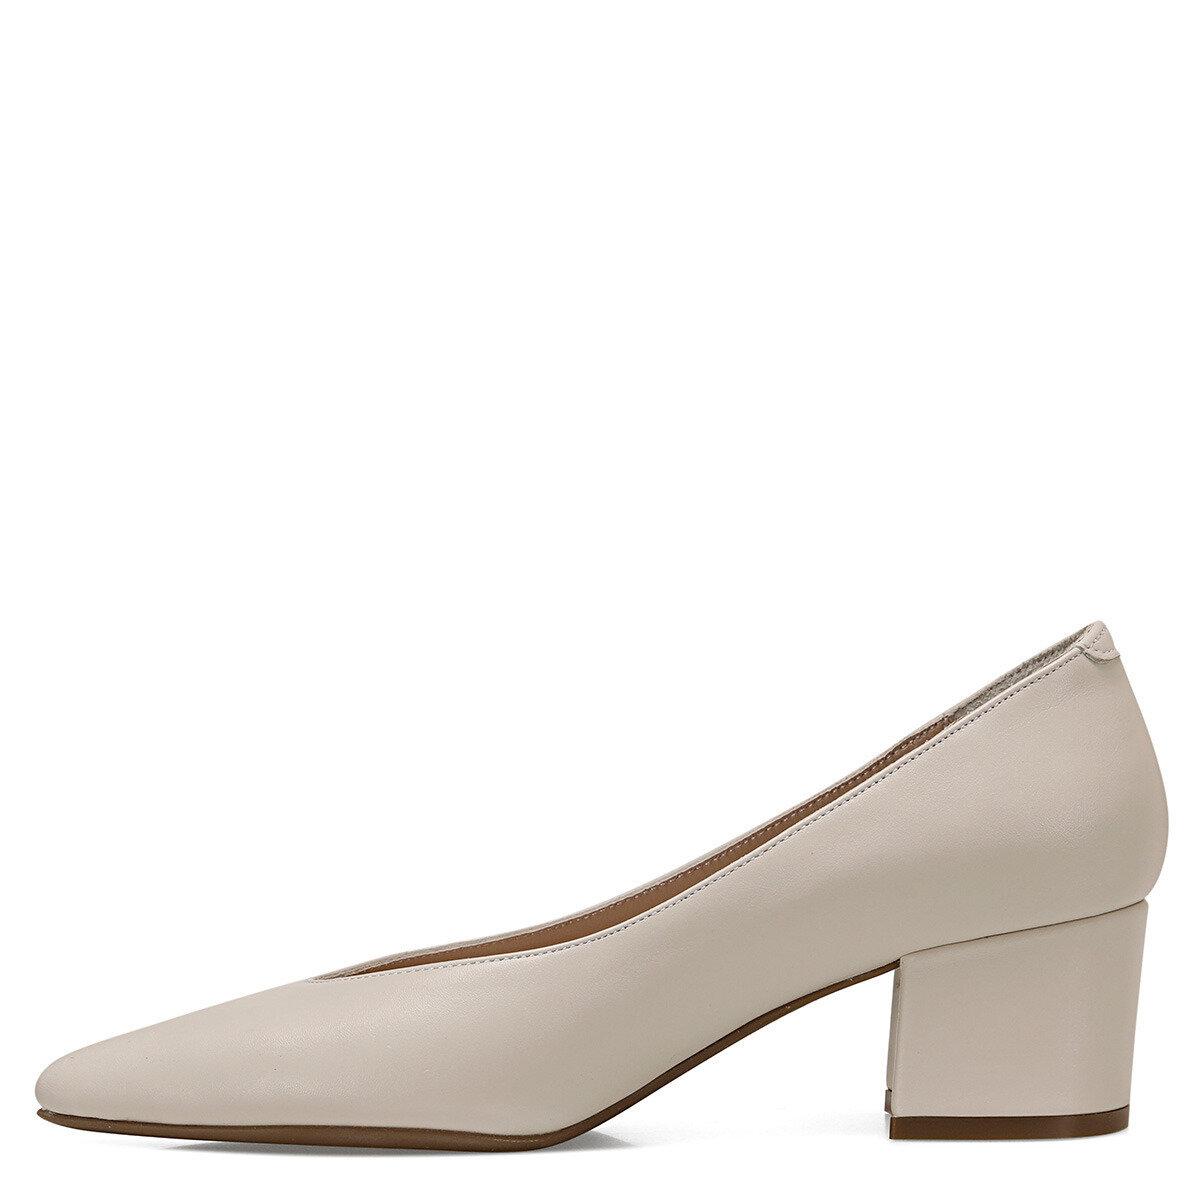 MARNA Beyaz Kadın Gova Ayakkabı